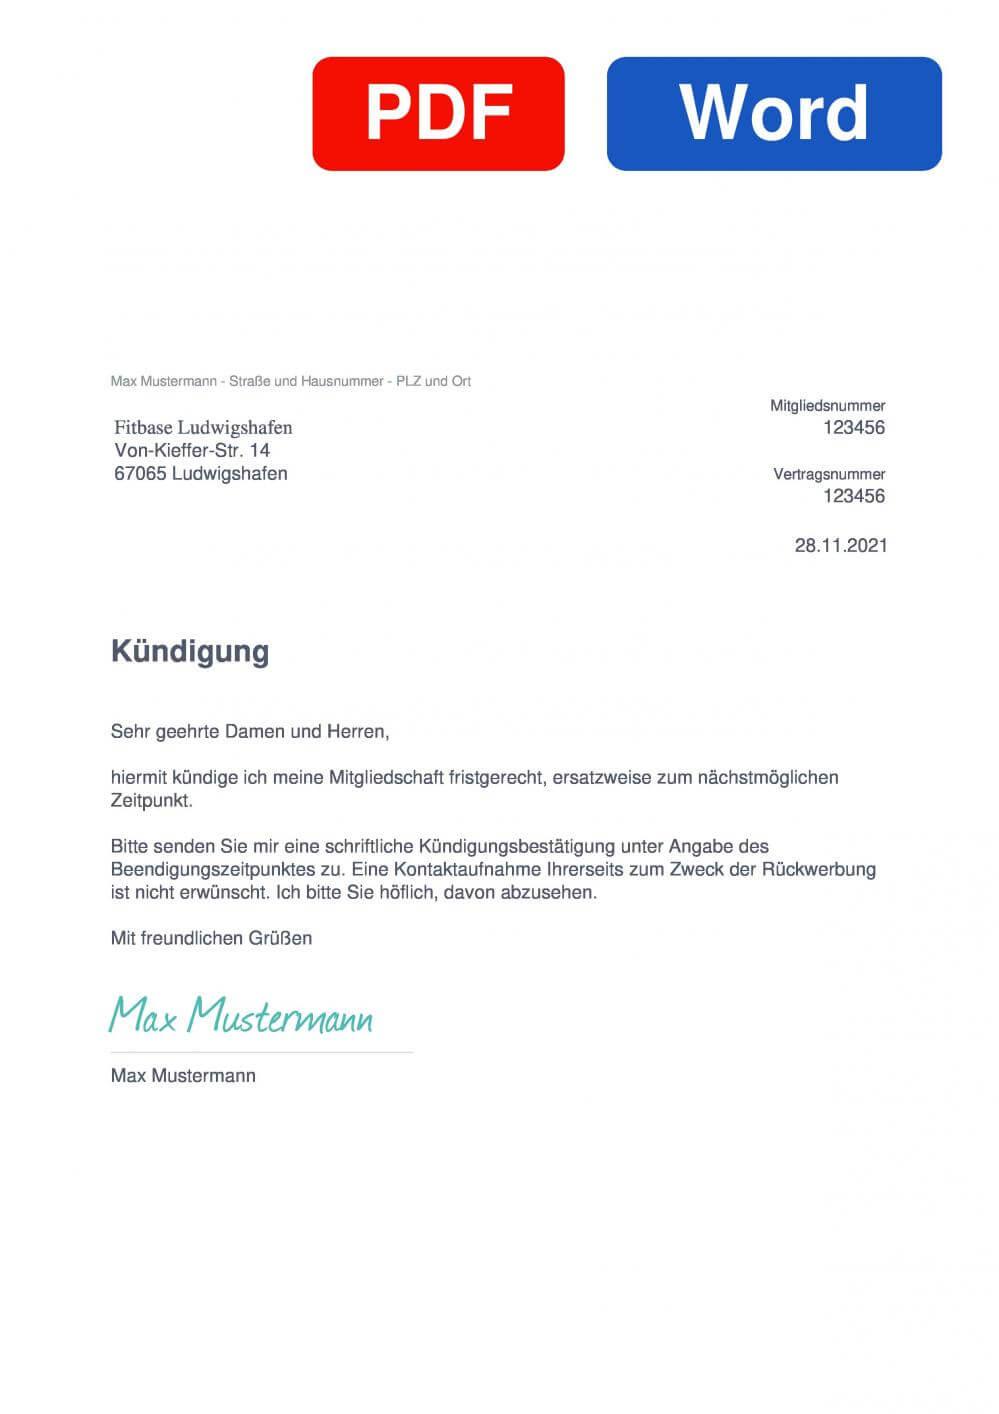 FITBASE Rheingönheim Muster Vorlage für Kündigungsschreiben